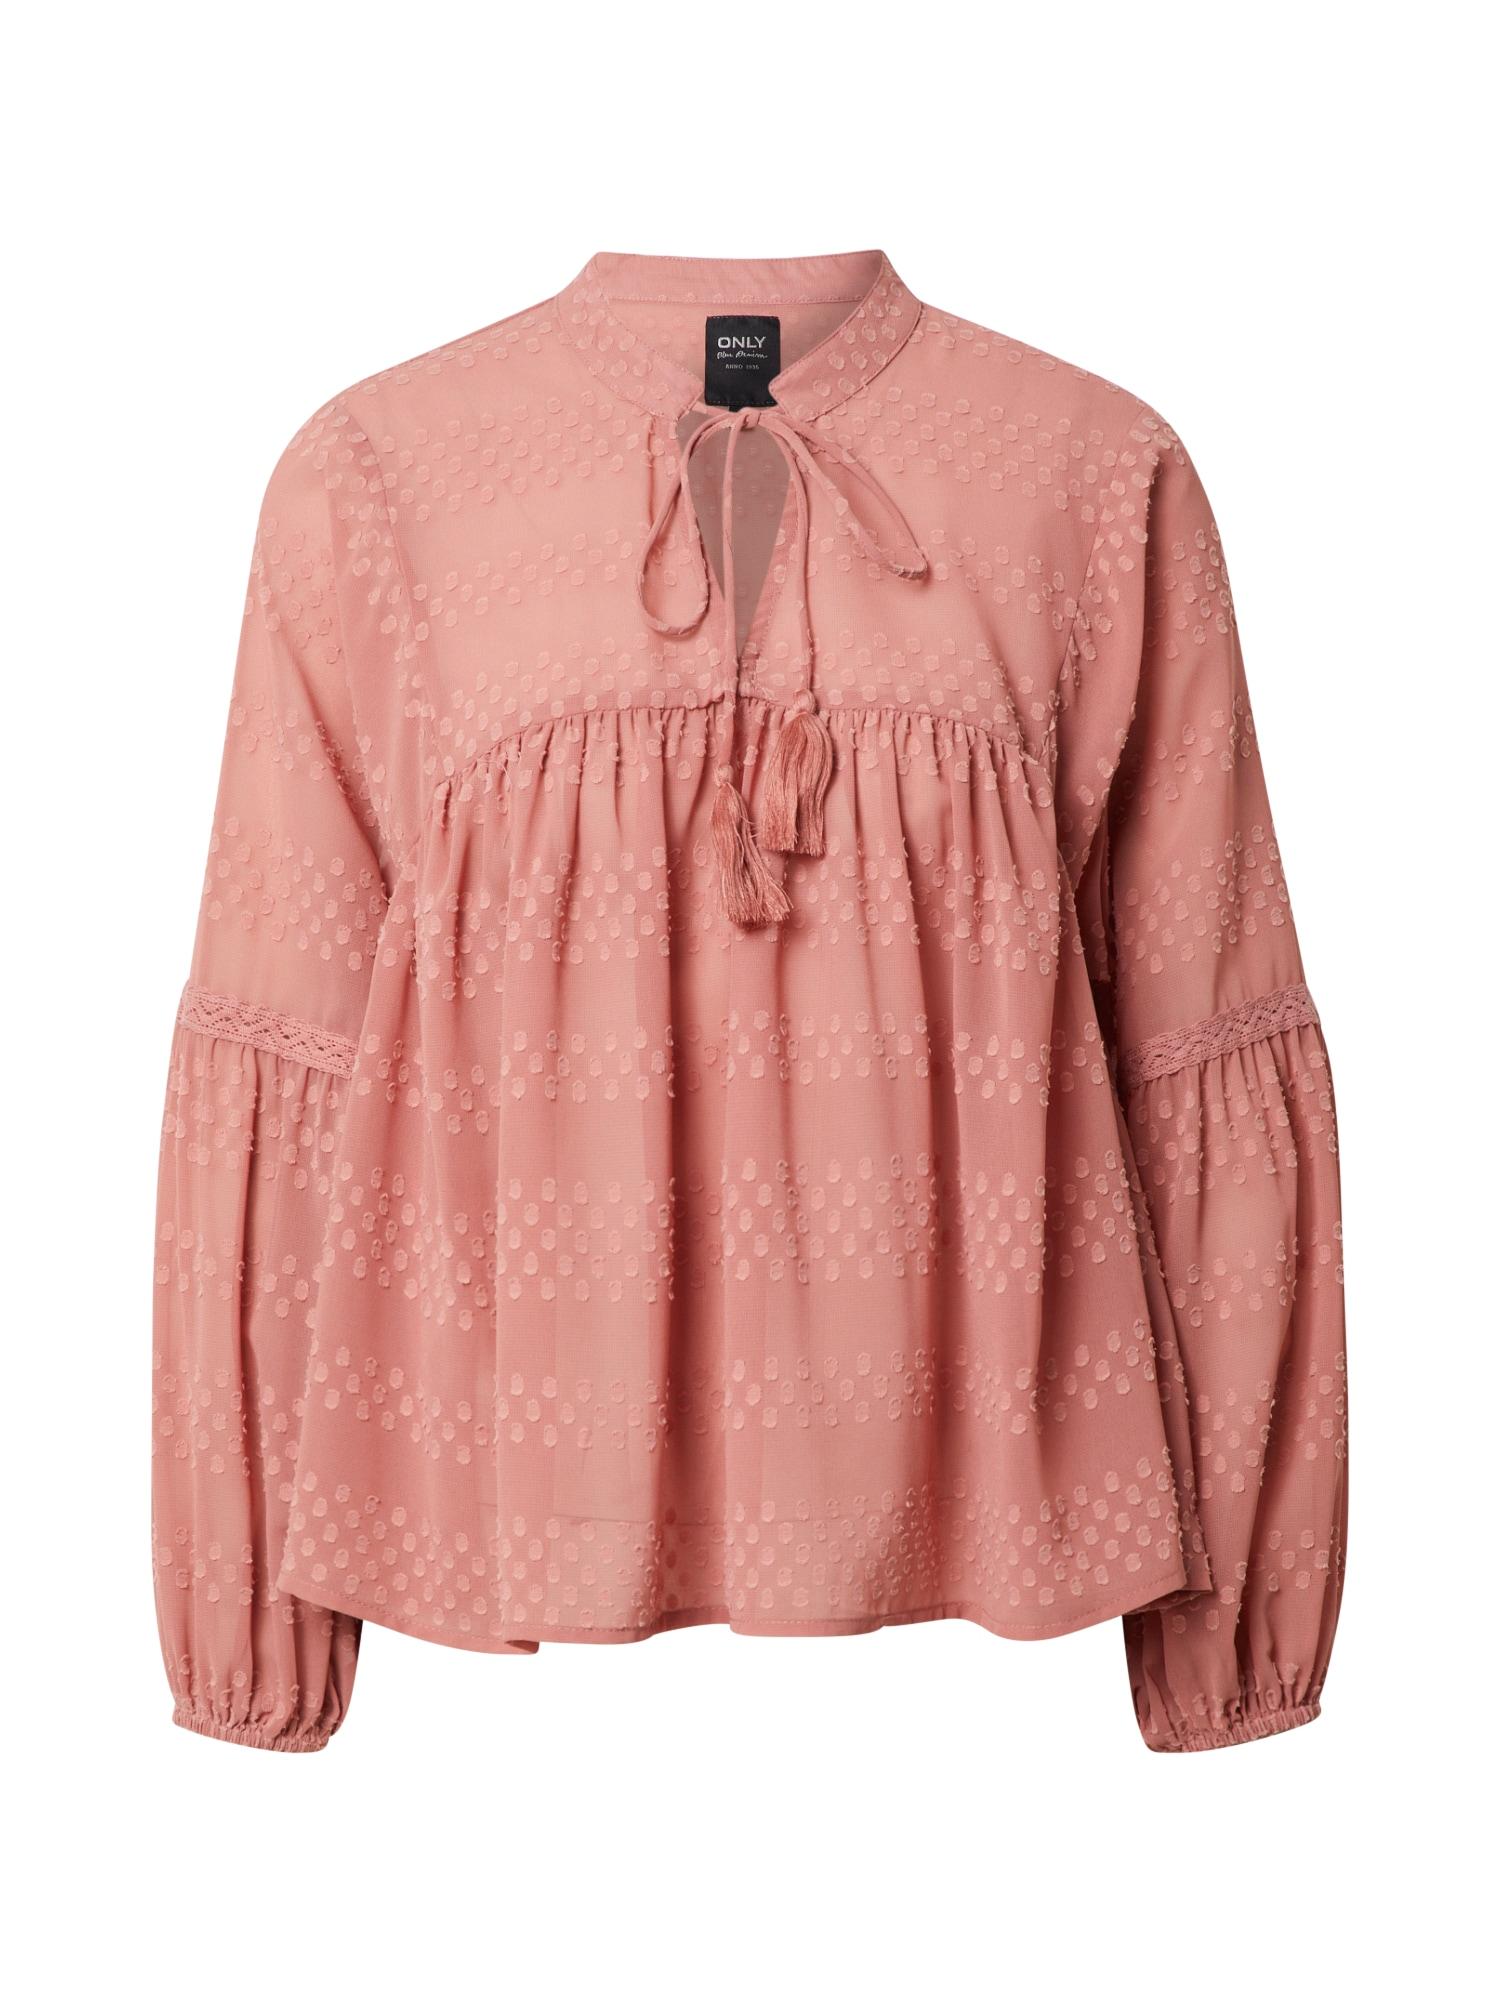 ONLY Palaidinė 'NEW ELISA' ryškiai rožinė spalva